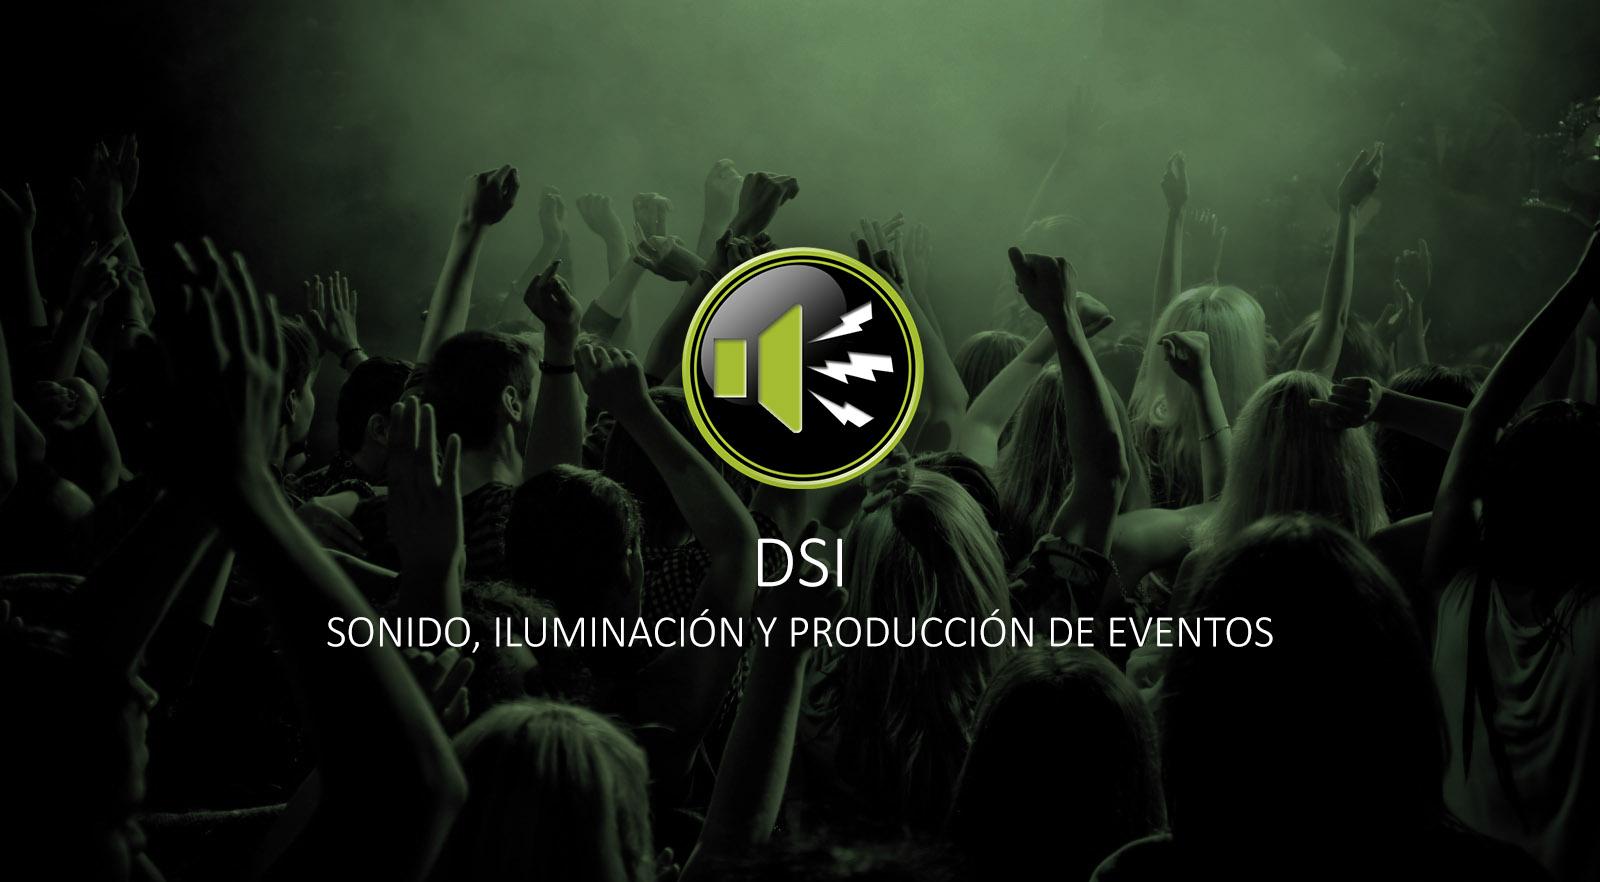 DSI - Sonido, Iluminación y Producción de Eventos